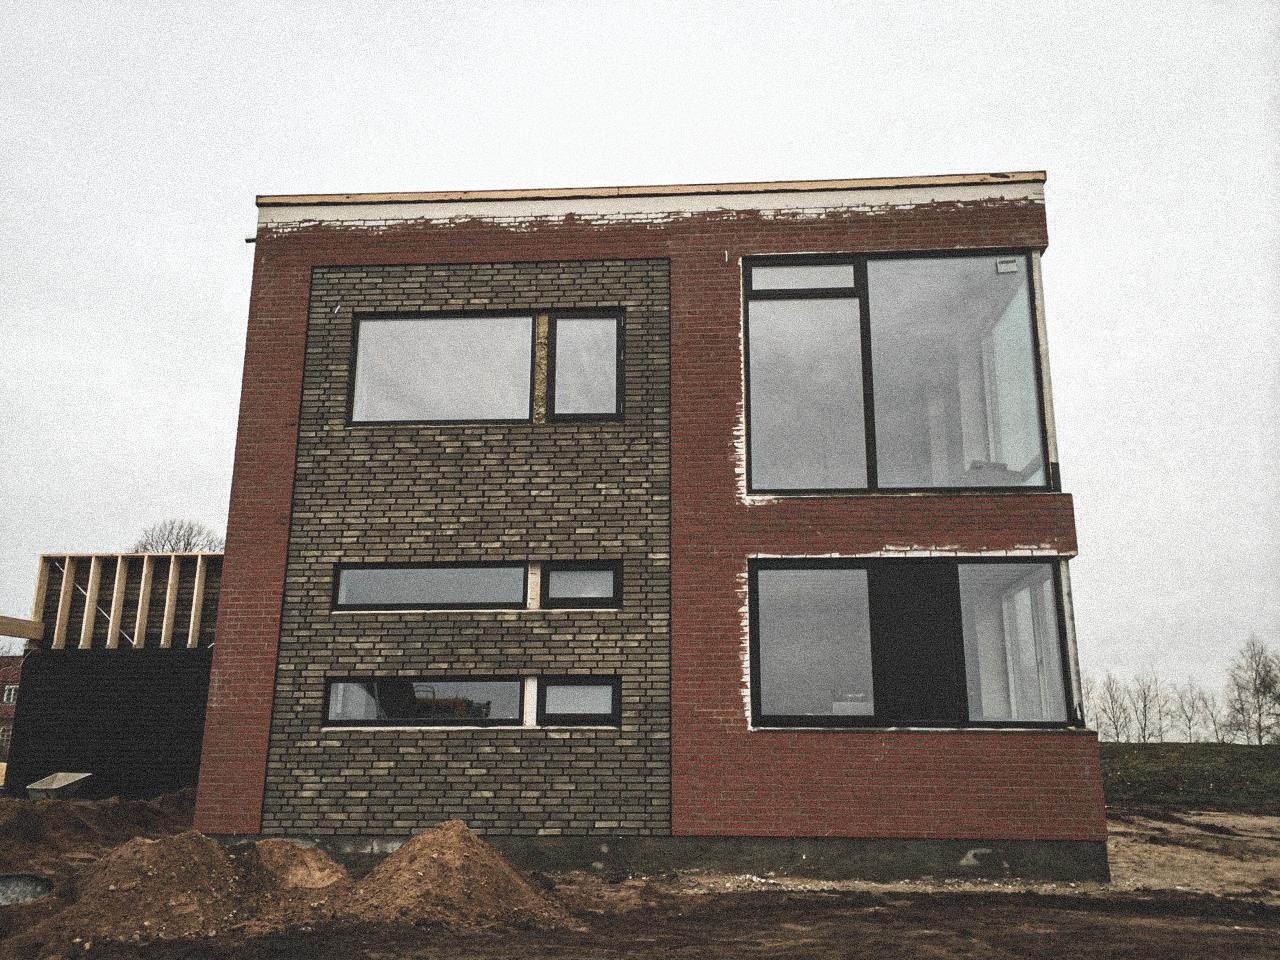 Billede af et igangværende byggeri i Hinnerup / Aarhus, tegnet af arkitektfirmaet m2plus.